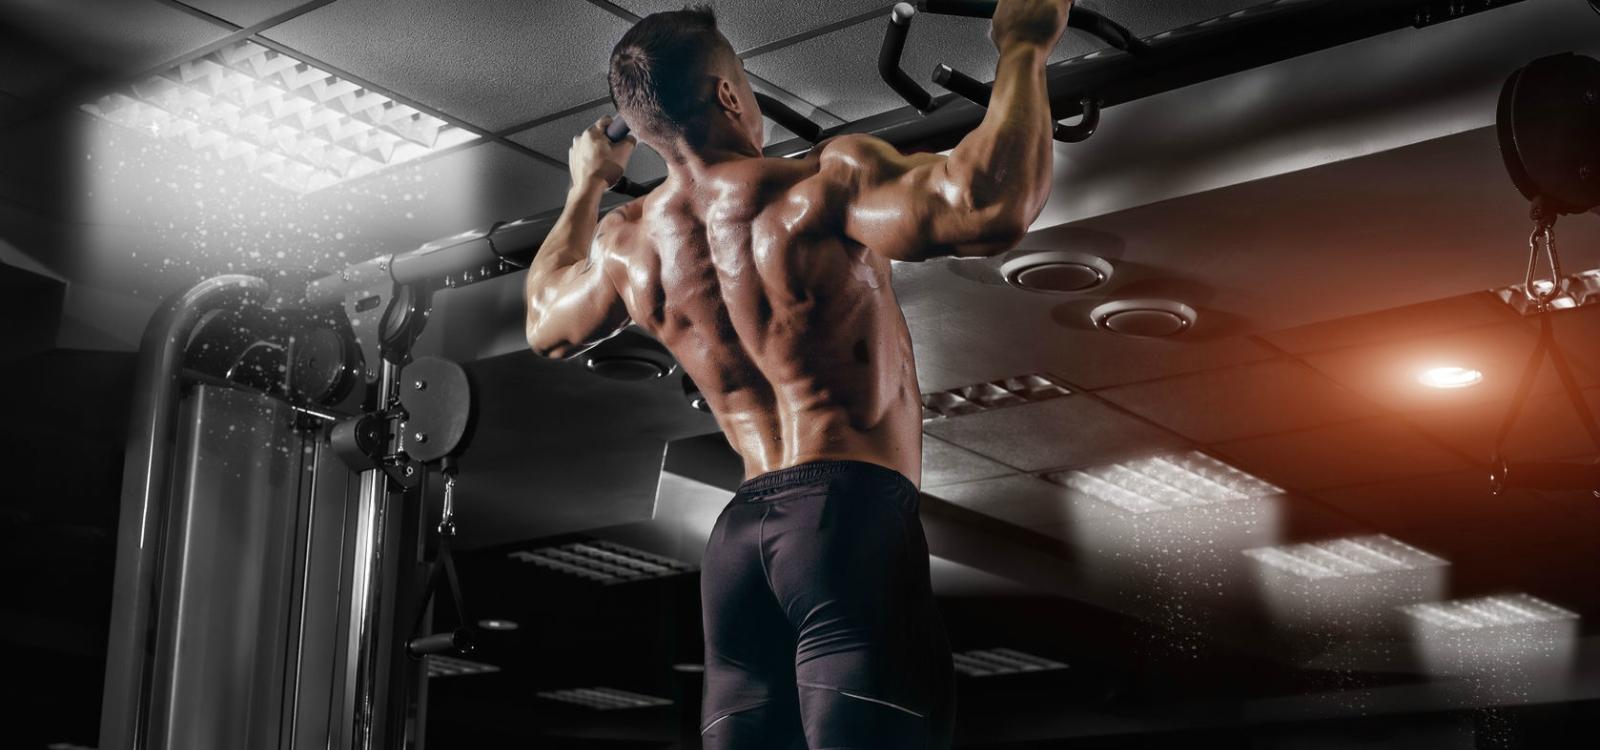 برنامه کامل عضلات پشت برای افزایش حجم، توان و قدرت %d9%85%d9%82%d8%a7%d9%84%d8%a7%d8%aa-%d8%a2%d9%85%d9%88%d8%b2%d8%b4%db%8c %d8%a8%d8%b1%d9%86%d8%a7%d9%85%d9%87-%d8%aa%d9%85%d8%b1%db%8c%d9%86%db%8c